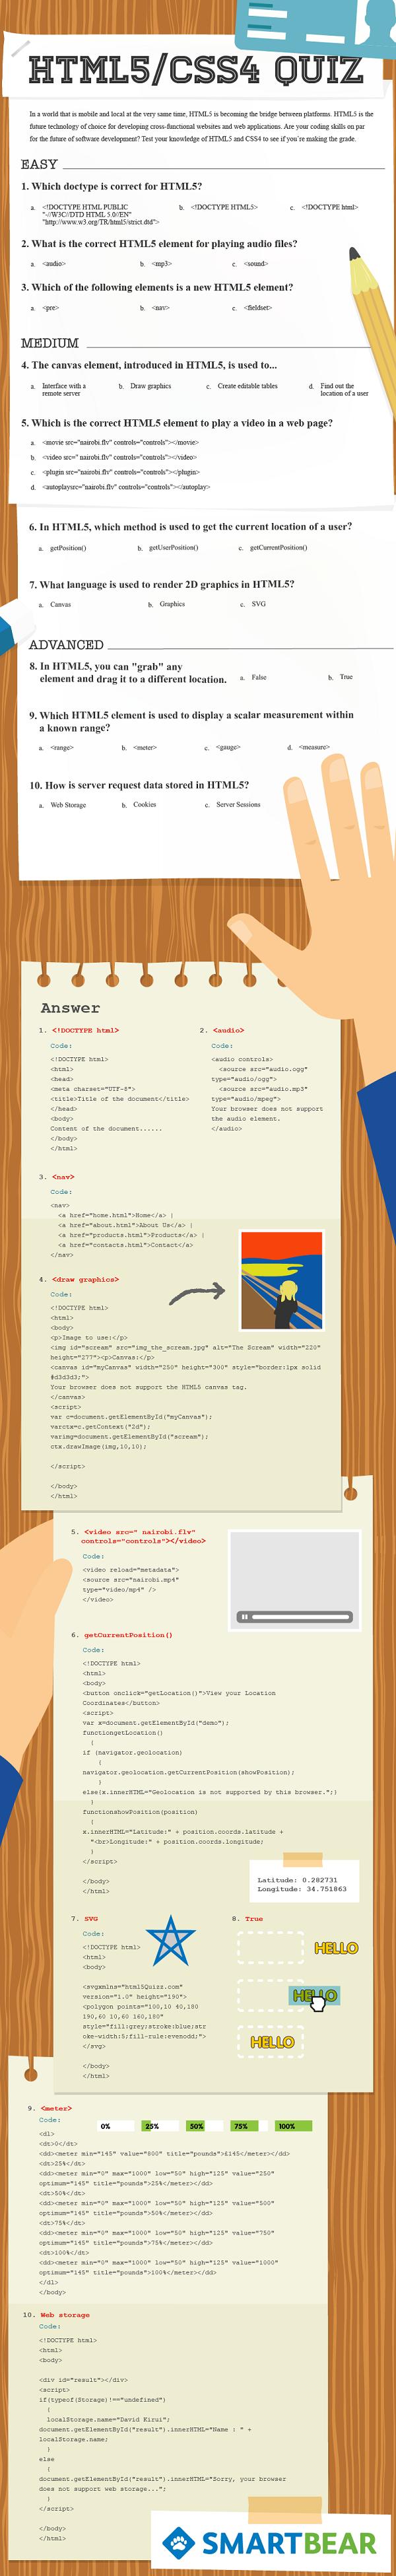 HTML5-CSS4-Quiz-infographic